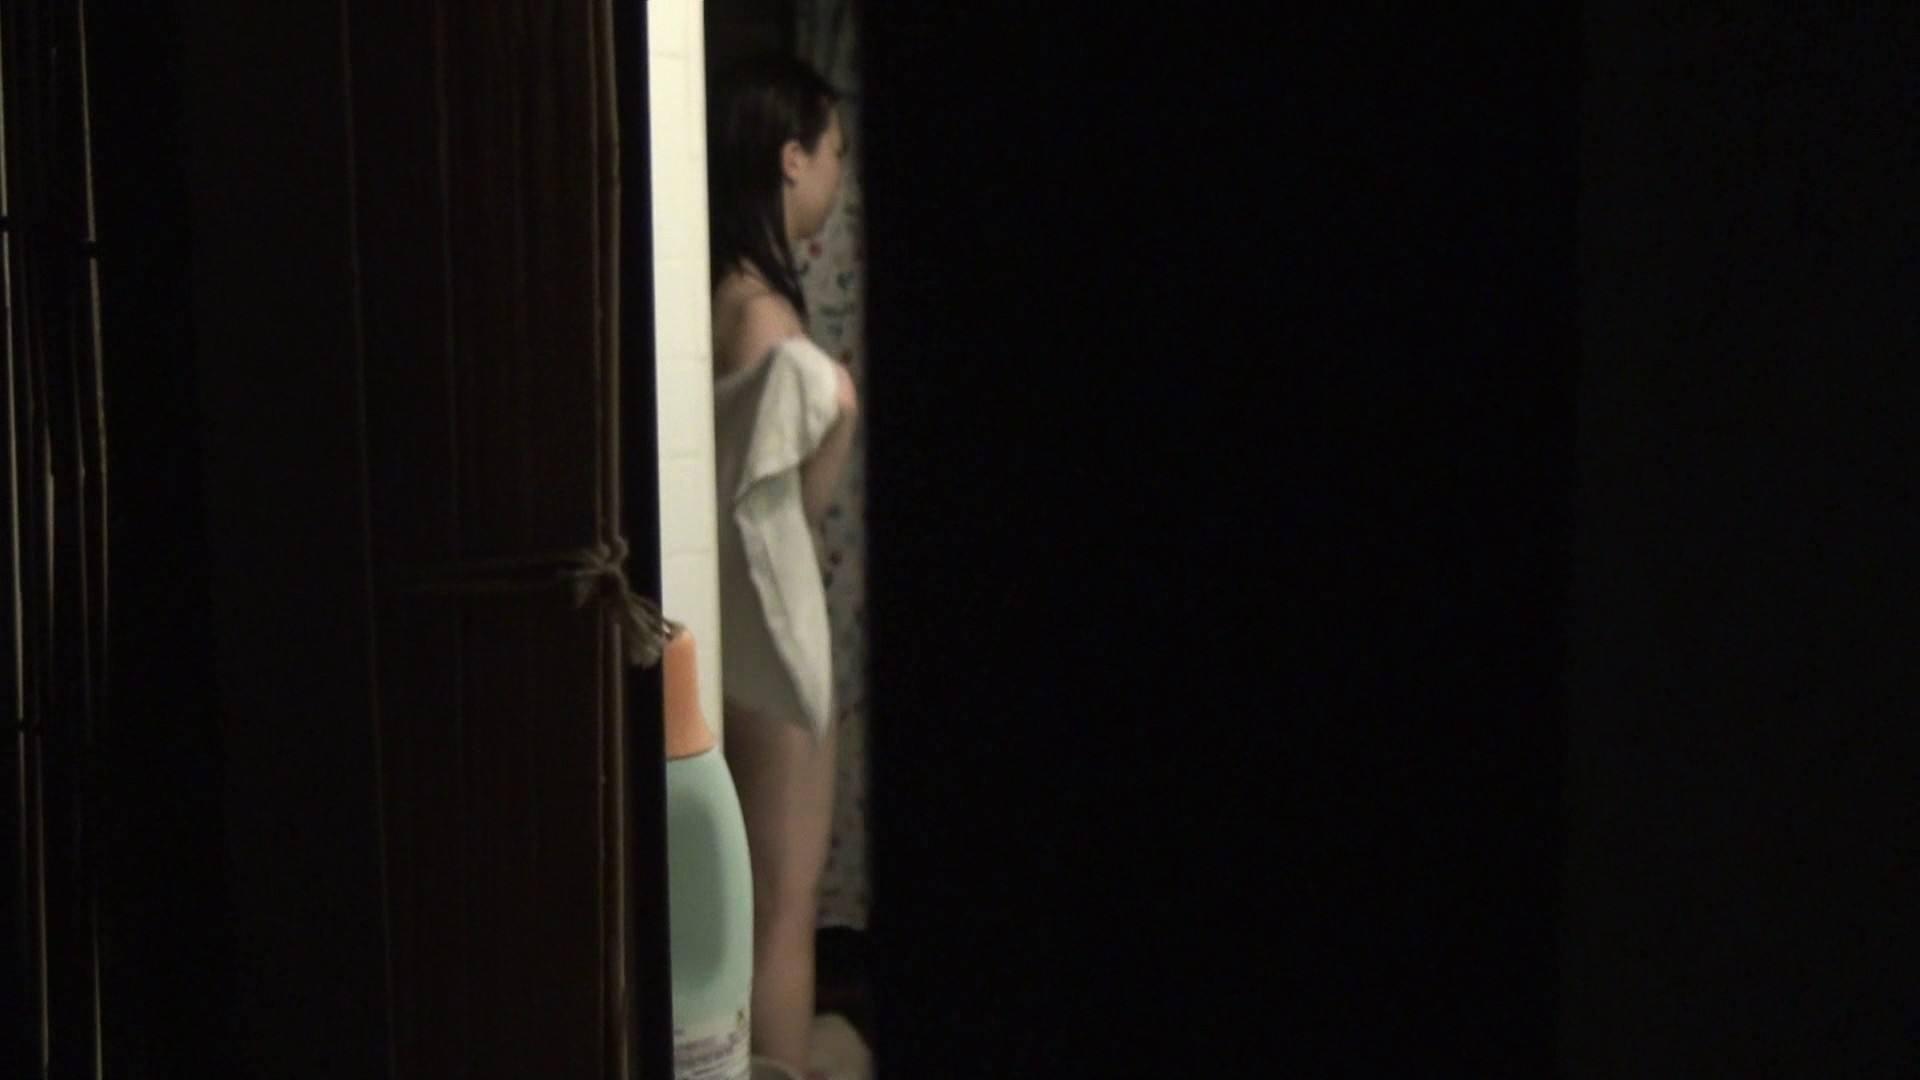 トイレ盗撮|vol.06顔を洗い流す極上お女市さんの裸体をハイビジョンで!風呂上り着替え必見!|怪盗ジョーカー